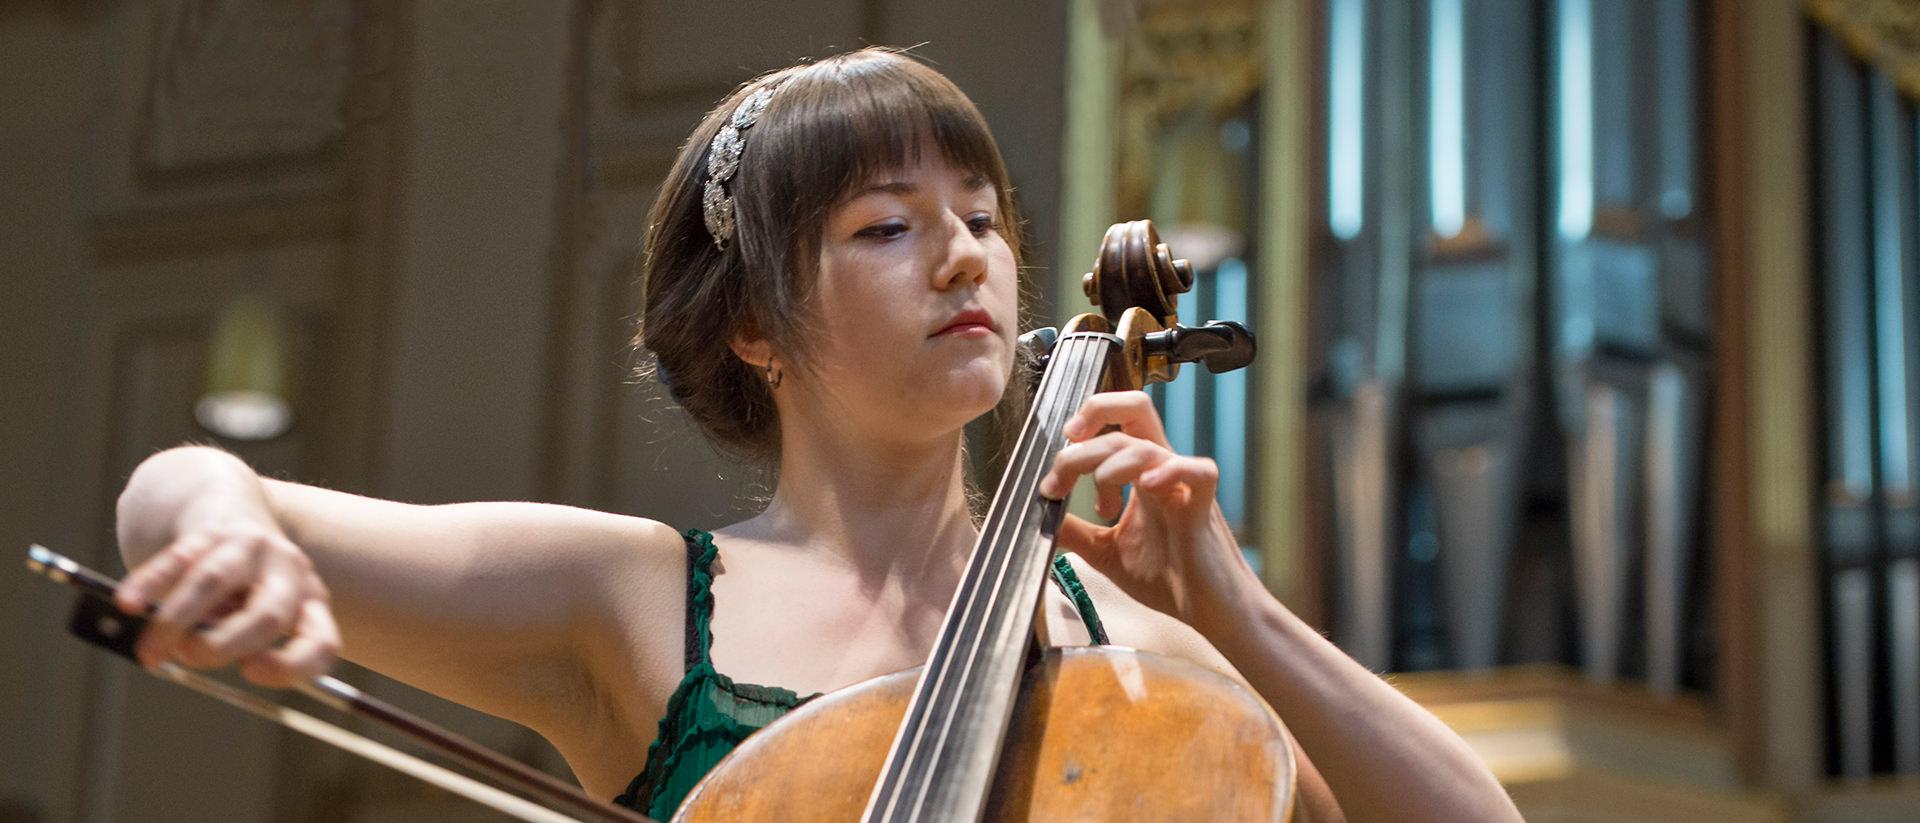 Vanessa Hunt Russell joué son violoncelle at à un concert de musique de chambre